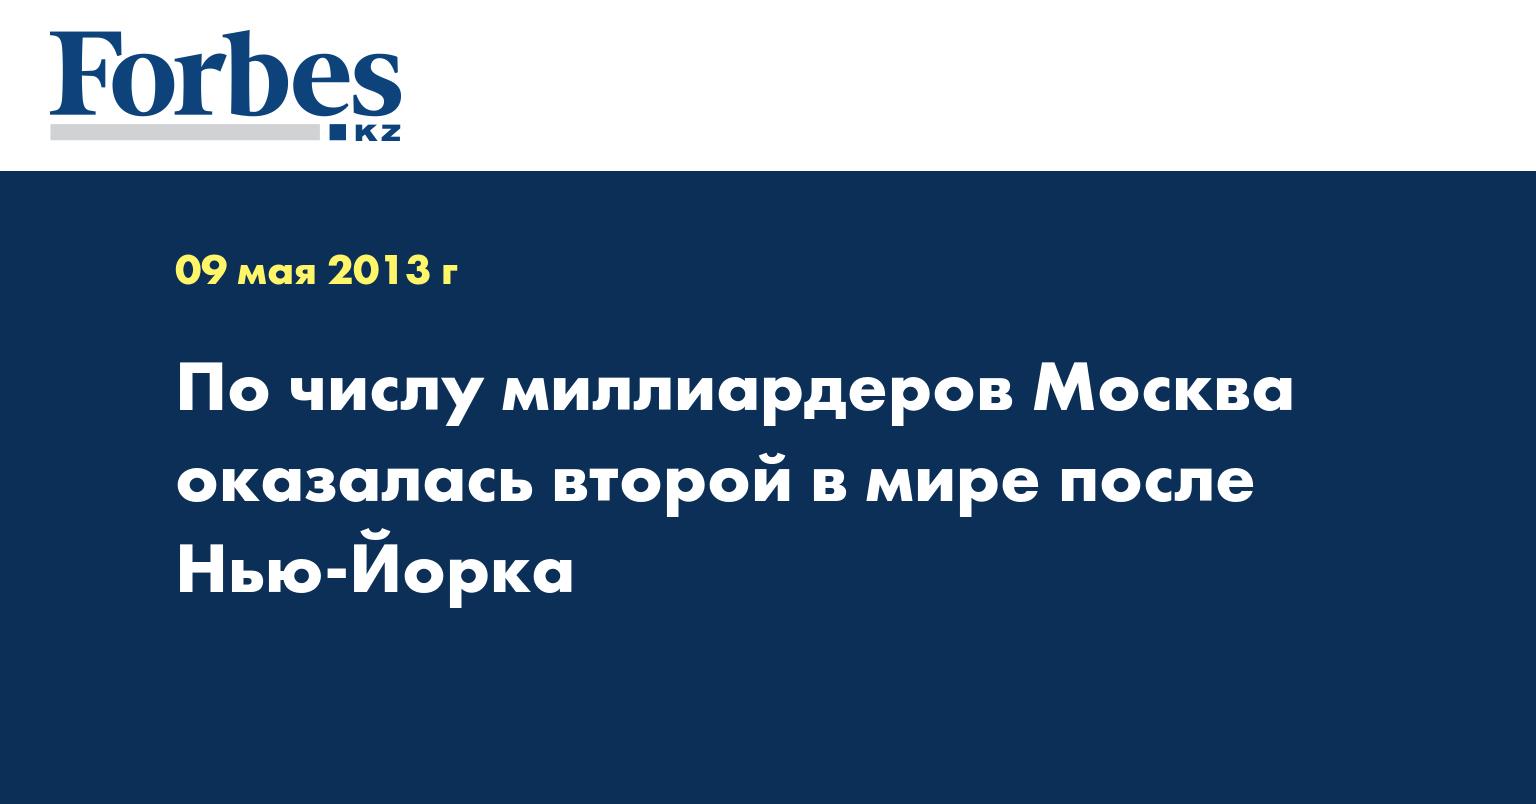 По числу миллиардеров Москва оказалась второй в мире после Нью-Йорка